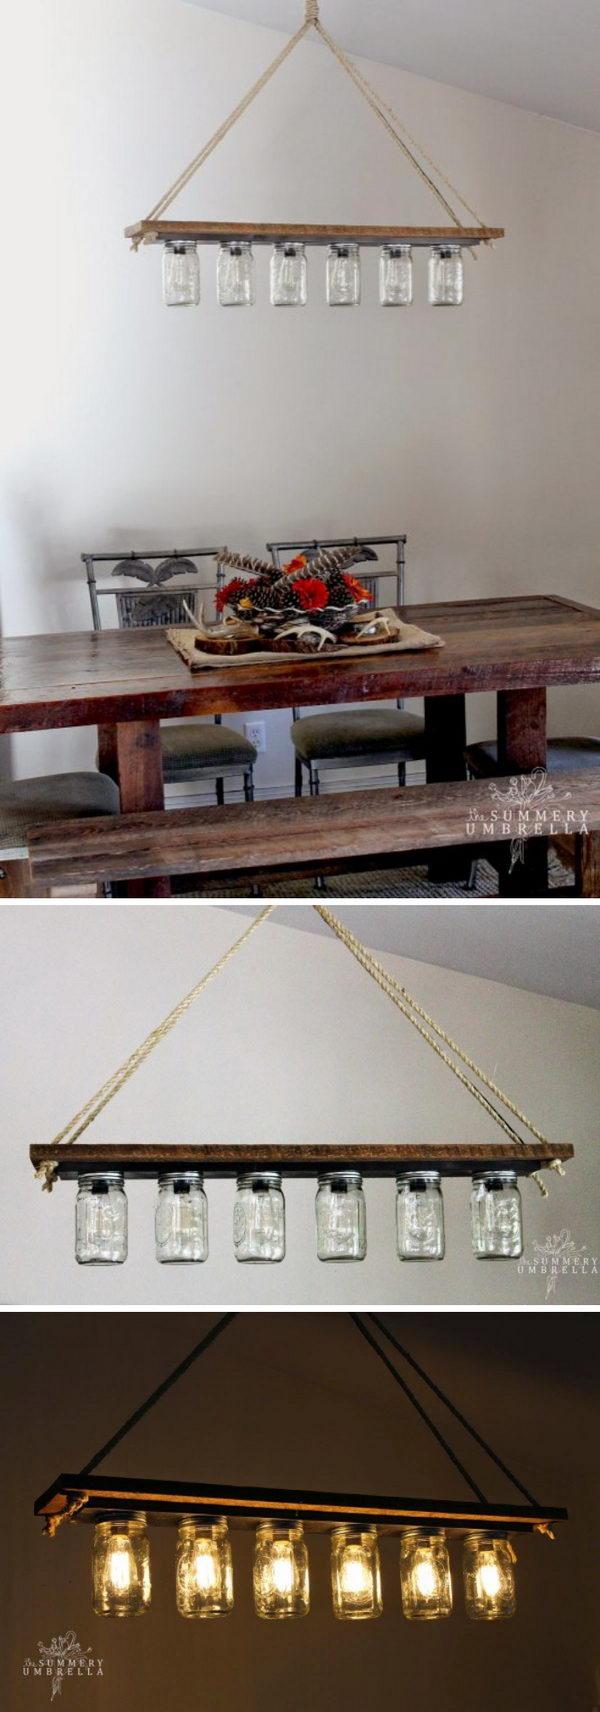 19 lamp ideas diy - 20 Easy DIY Lamp Ideas for Home Decor